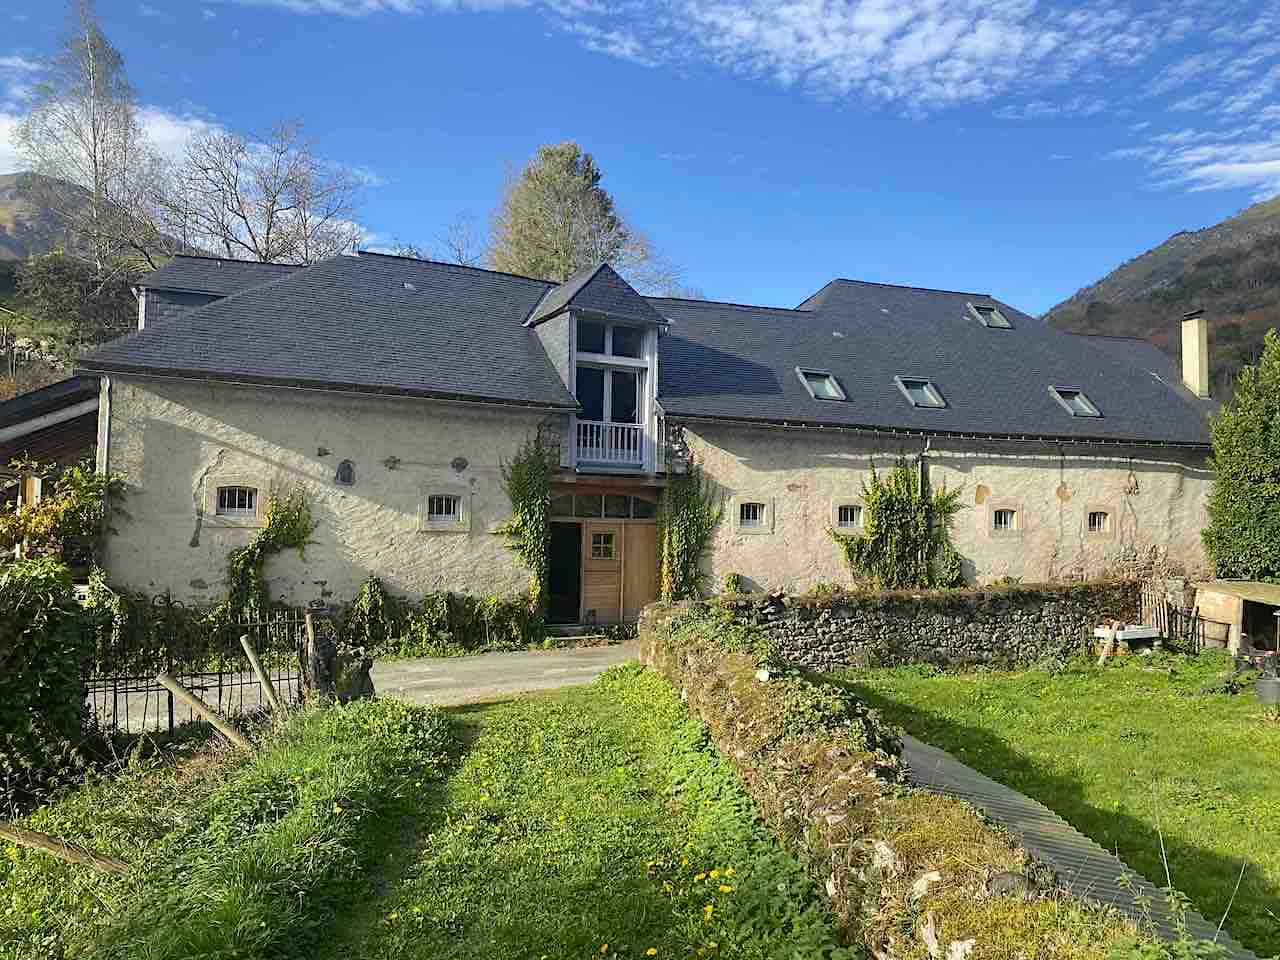 Potager, arbres fruitiers : le végétal entoure le gîte Montagne & Vie à Bedous, Haut-Béarn, Pyrénées.